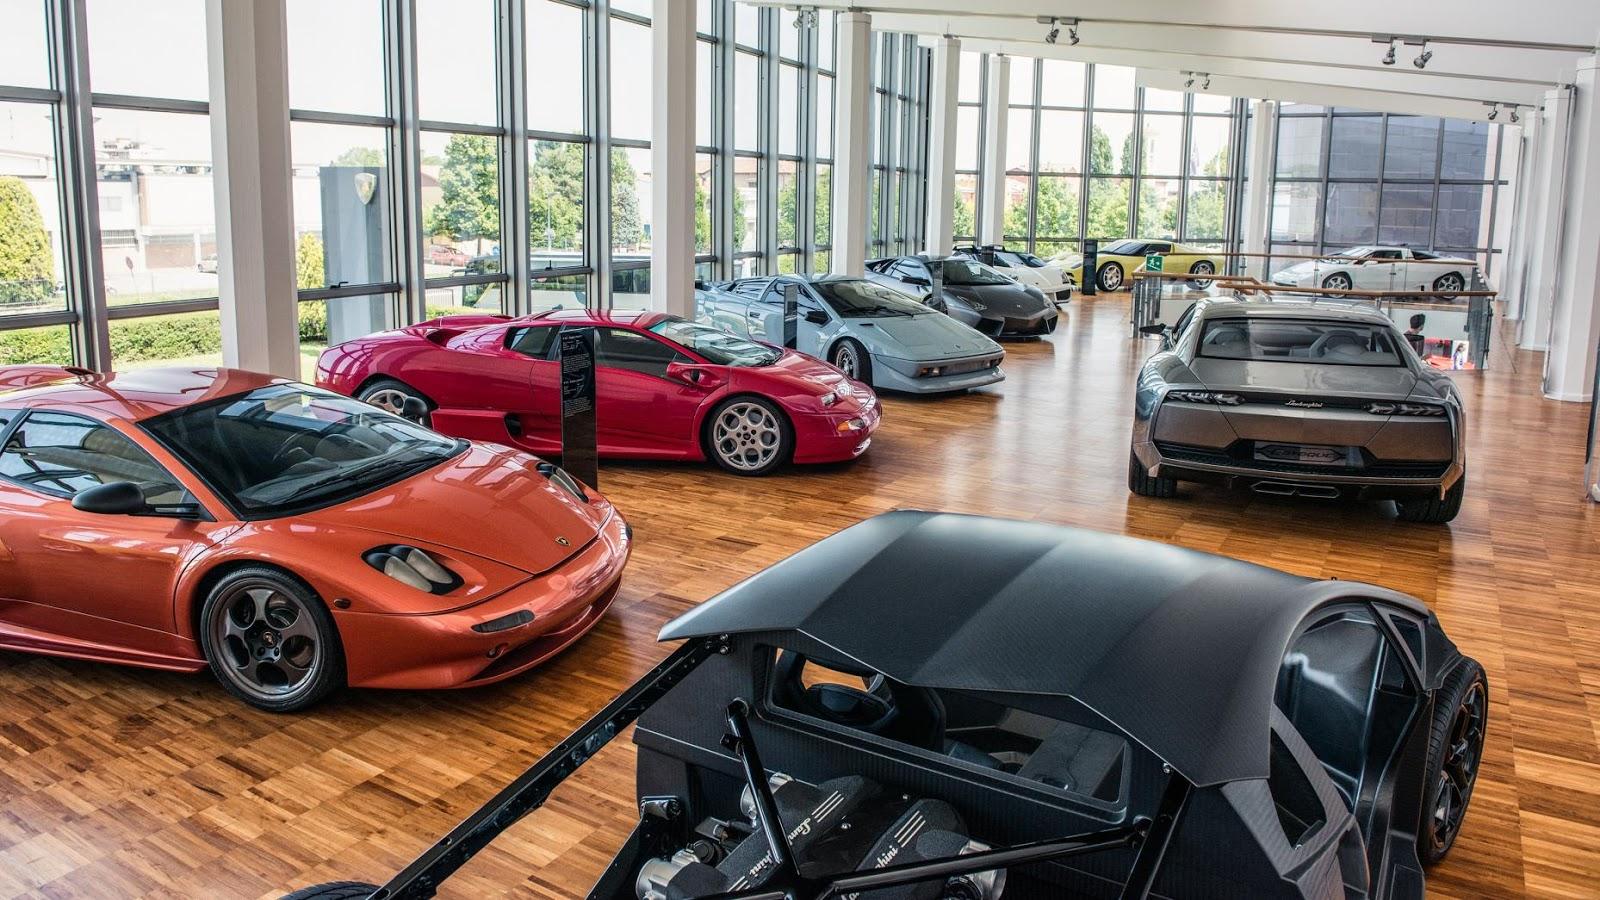 TOP siêu xe Lamborghini có thể bạn chưa bao giờ biết?